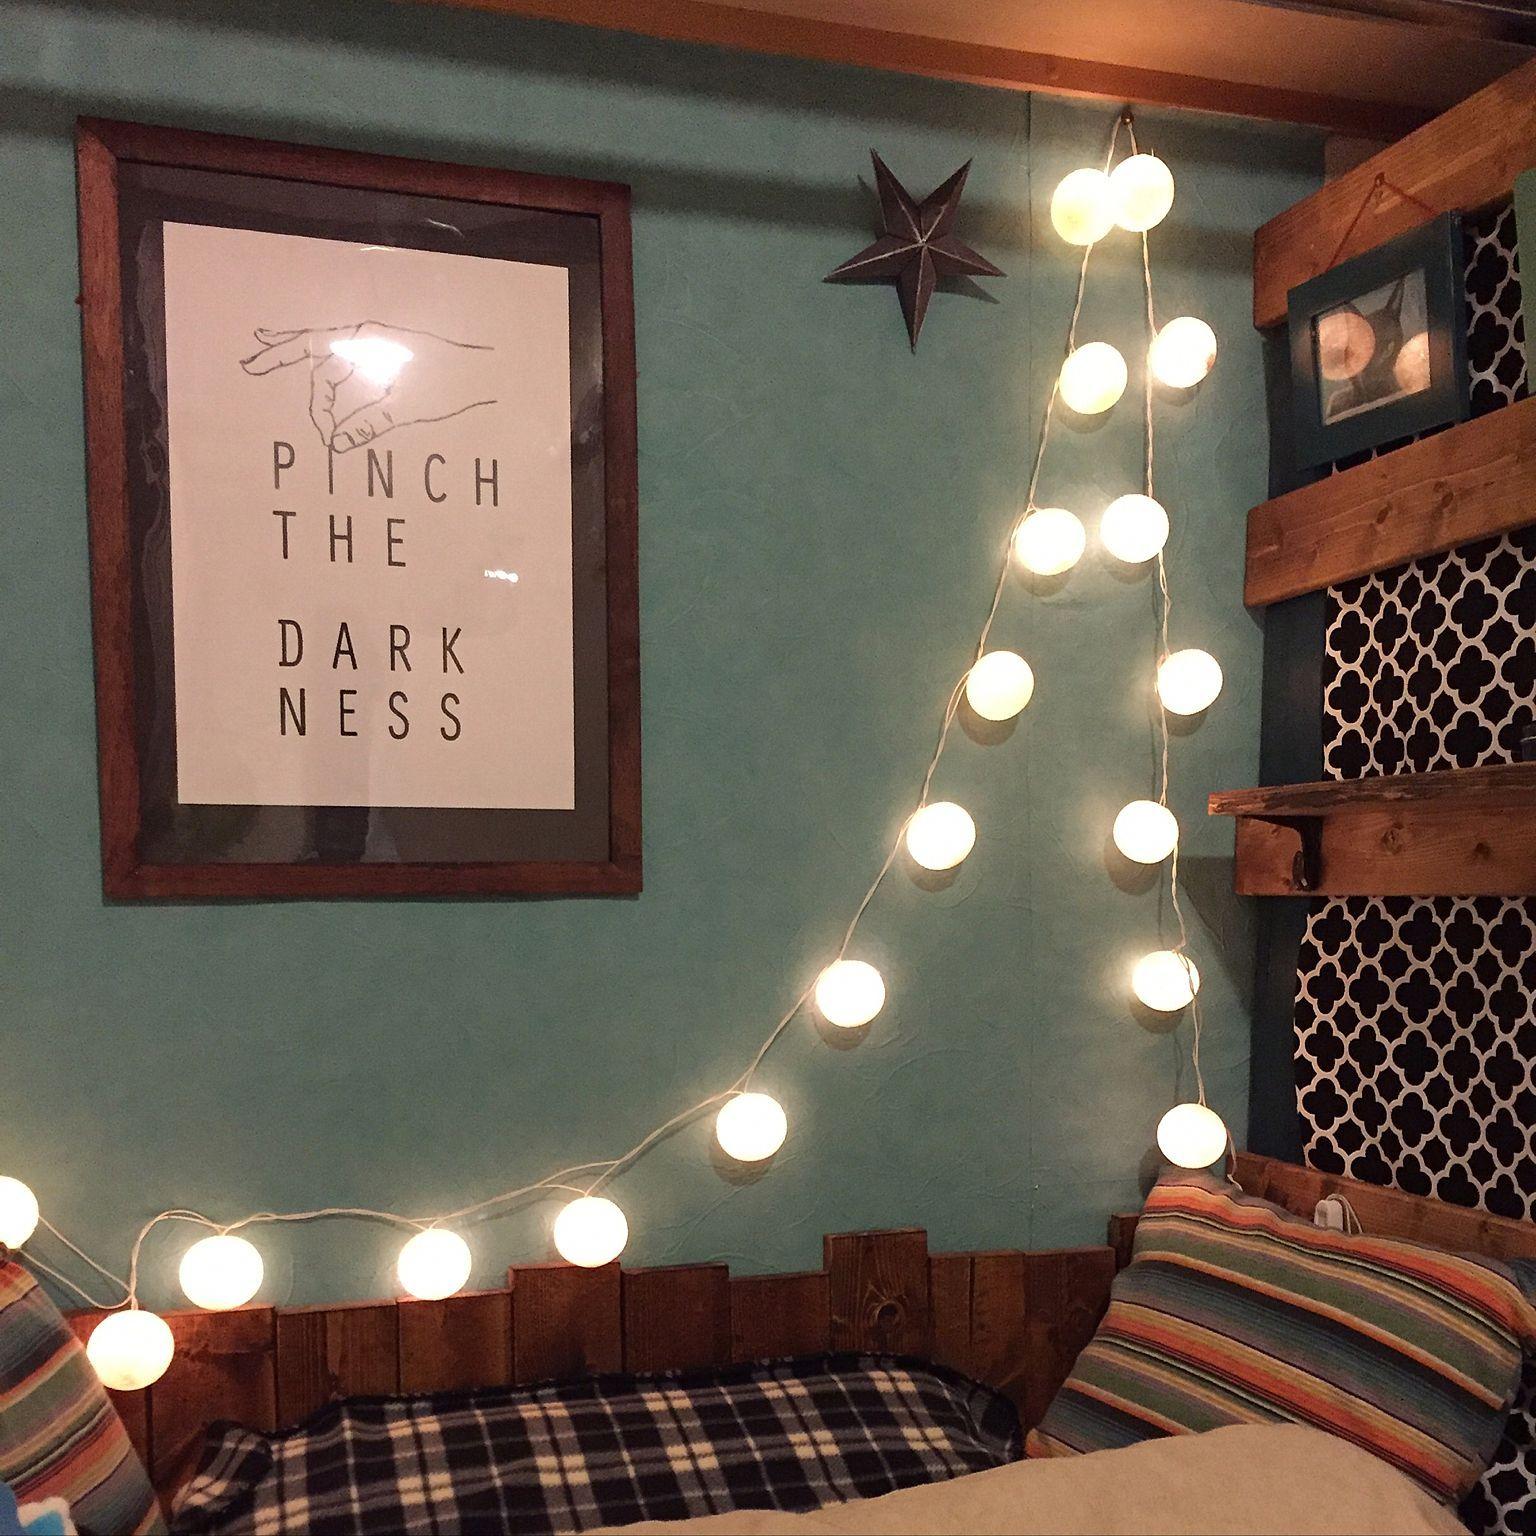 ベッド周り ベッド照明 コットンボールランプ Diy 一人暮らし などのインテリア実例 2016 06 16 20 47 17 Roomclip ルームクリップ インテリア インテリア 実例 アイデア